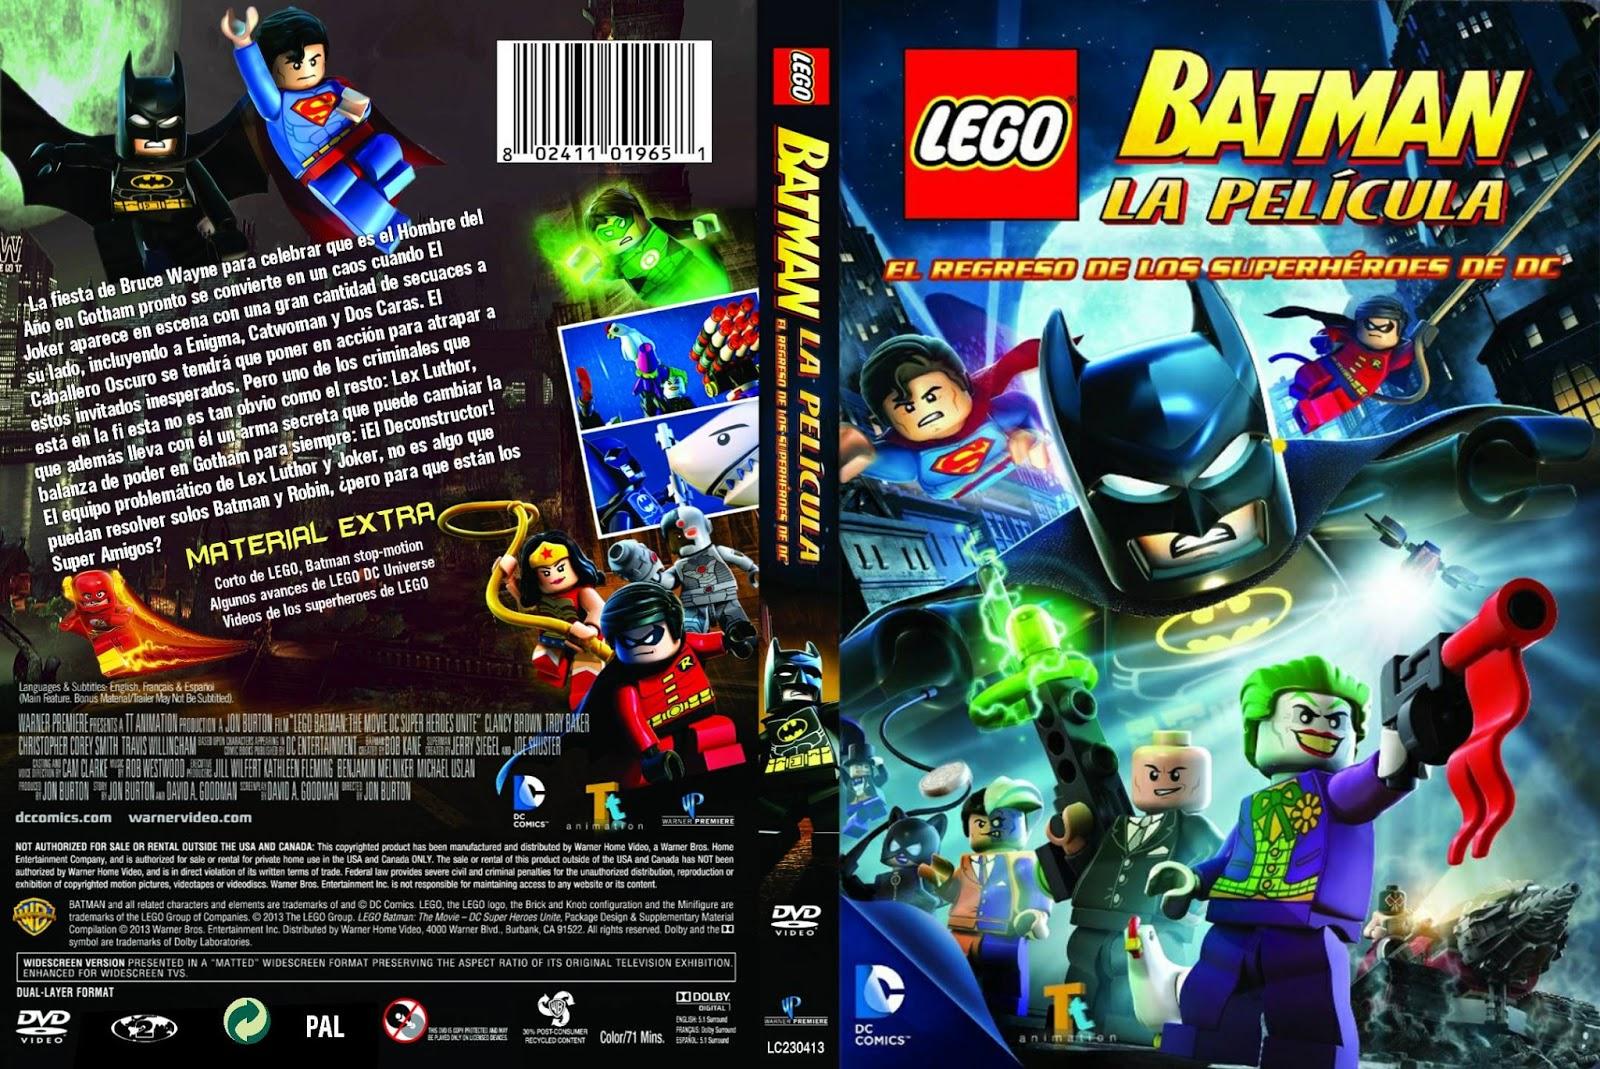 http://4.bp.blogspot.com/-3C75DuSRk9Y/UYqn9OX2f5I/AAAAAAAAAZI/q5UXB1GupHM/s1600/Lego_Batman_-_La_Pelicula_-_El_Regreso_De_Los_Superheroes_De_Dc_-_Custom_por_lolocapri.jpg